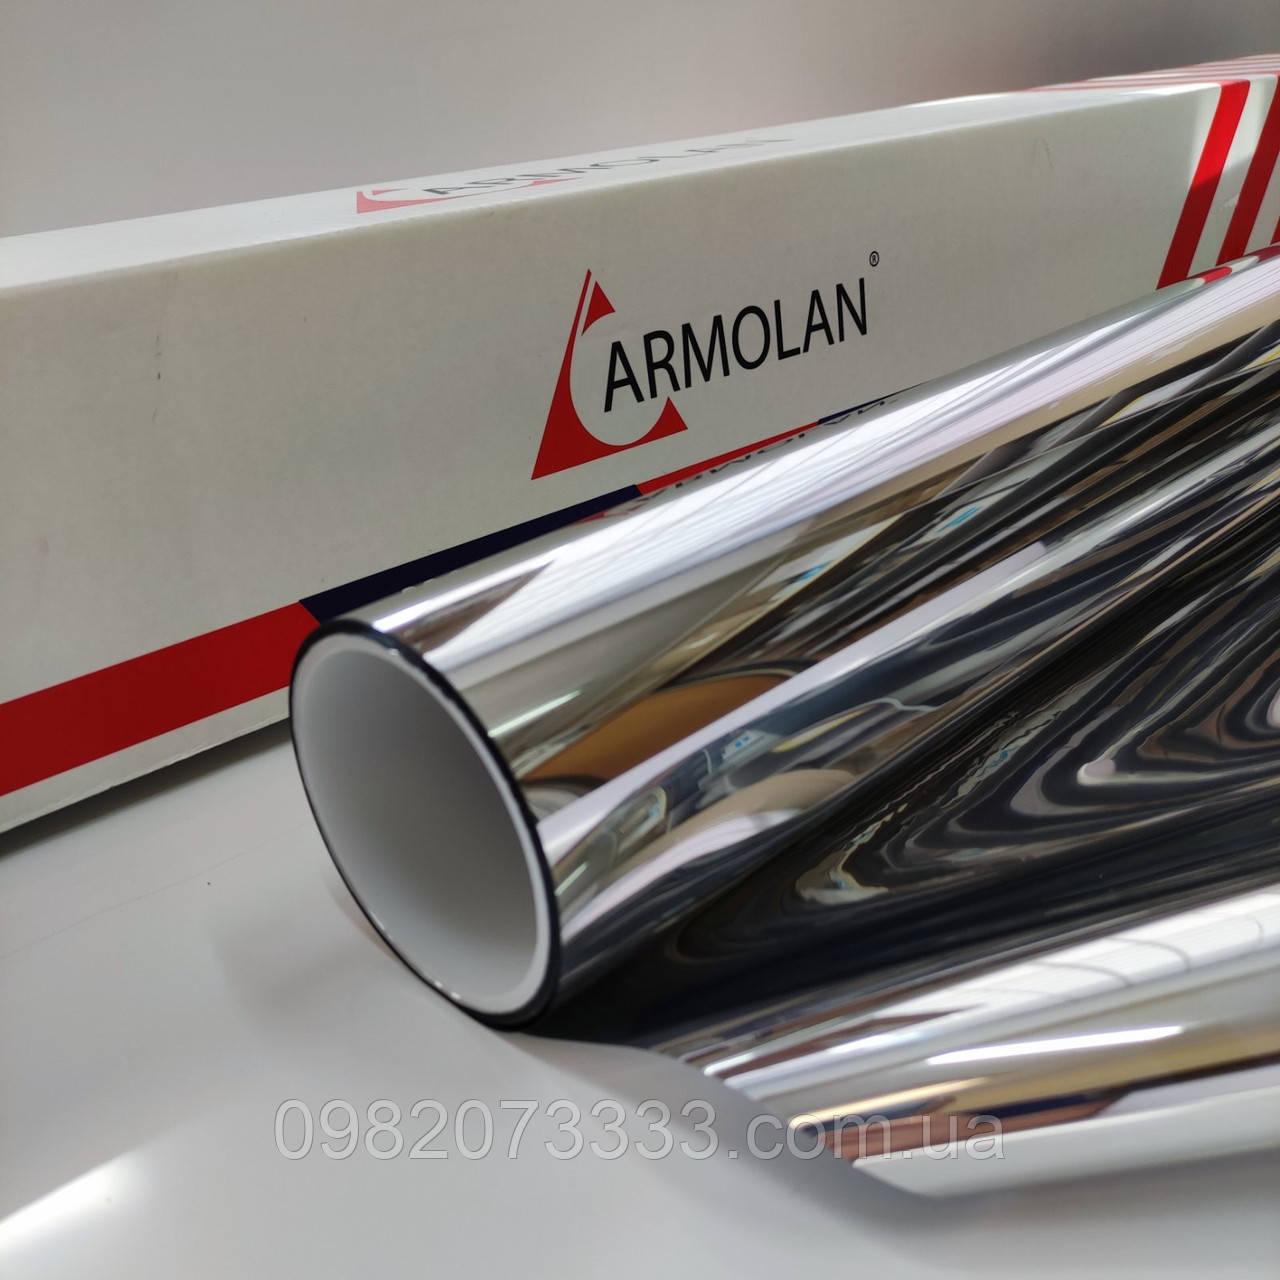 Сонцезахисна плівка Armolan Silver 15% USA дзеркальна для тонування вікон. Ціна за розмір 150х75см.